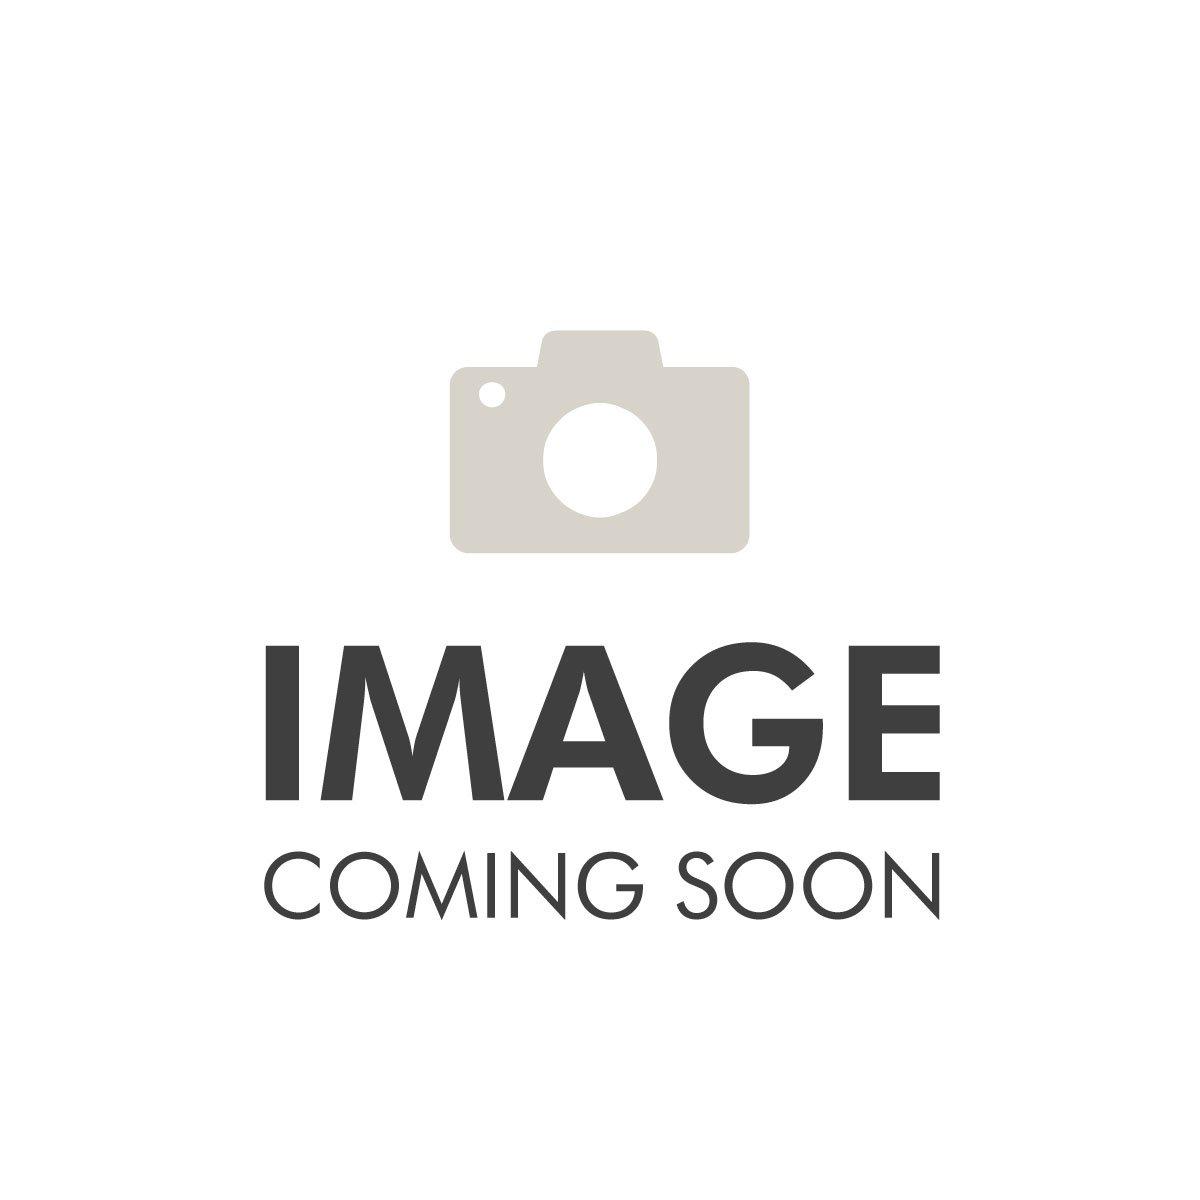 Allstar - Hitmate - Epee Wireless Scoring Set